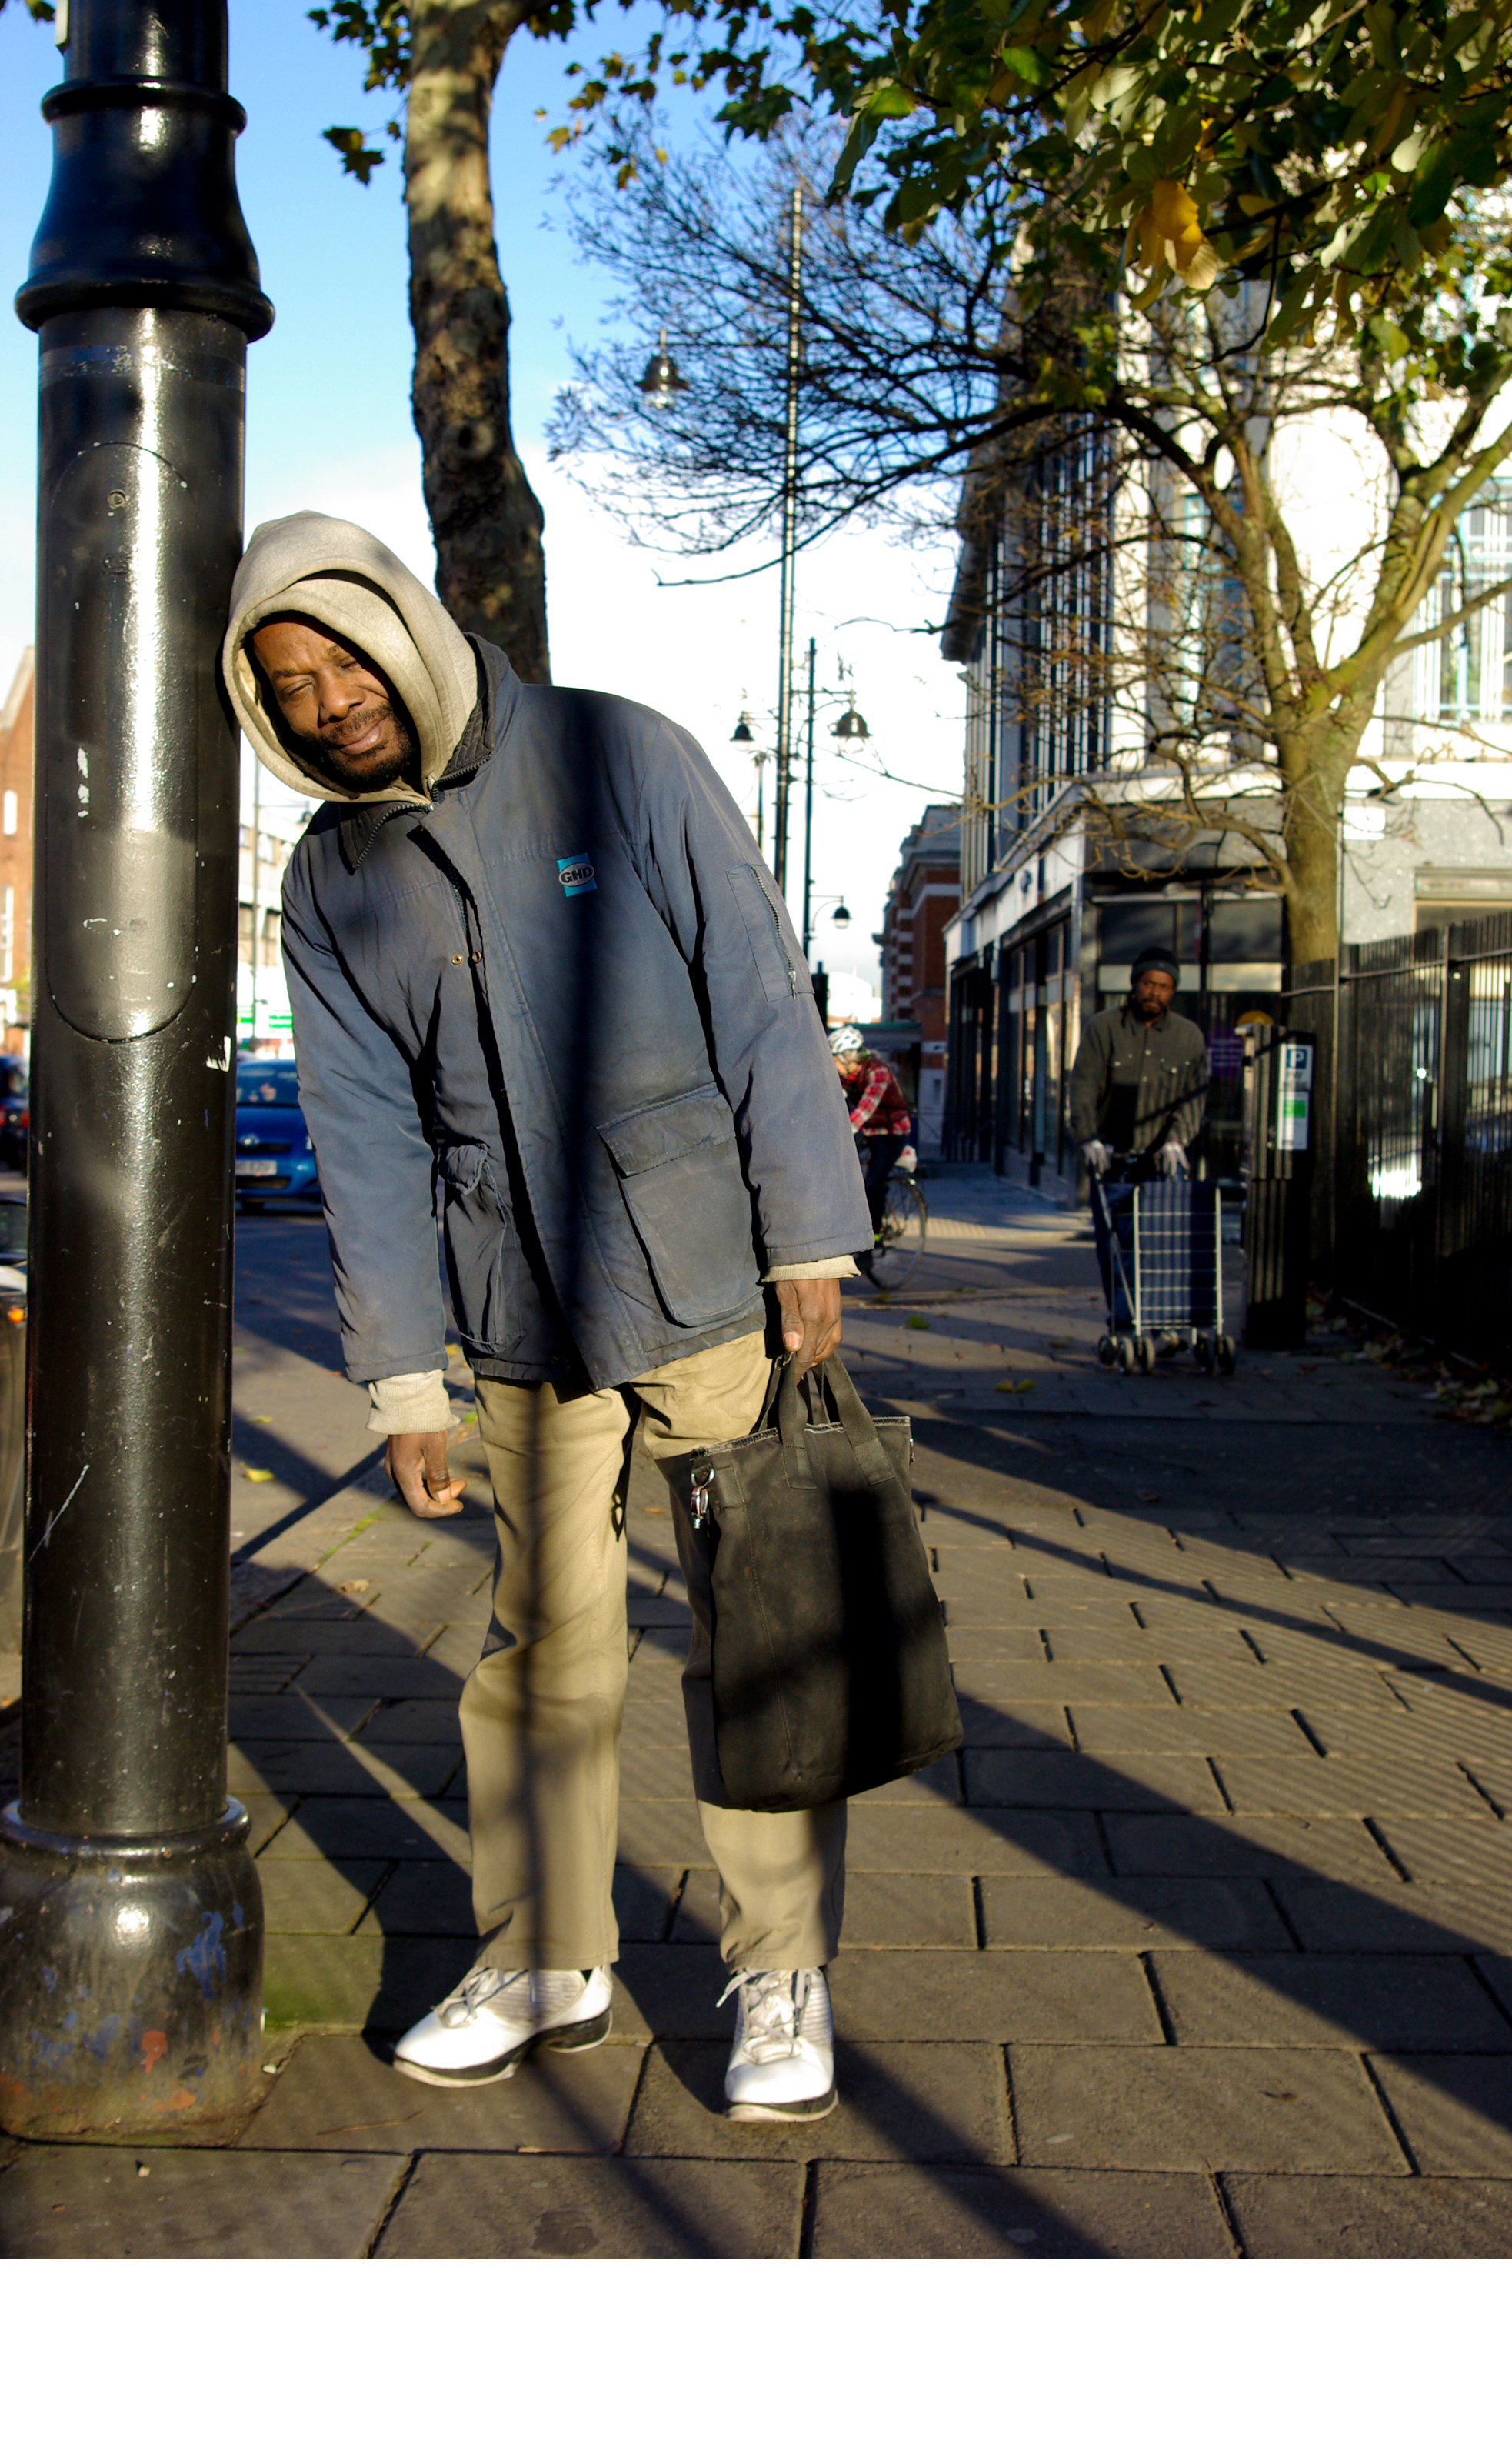 13 - Lamp Post 2013, London UK, C Print